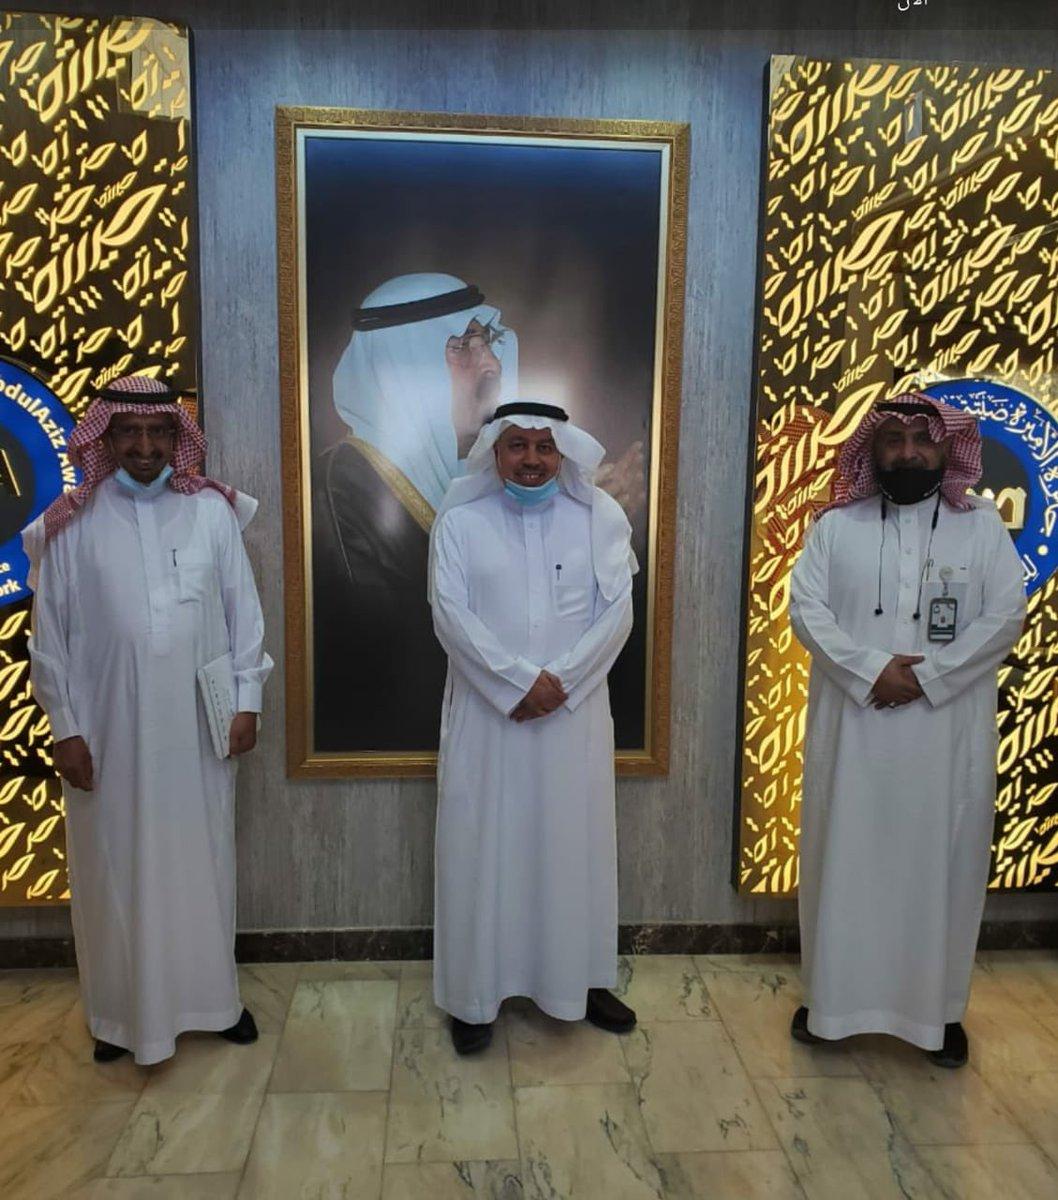 وفد جمعية إنسان في زيارة تعريفية لجائزة الأميرة صيتة لبحث أوجه التعاون